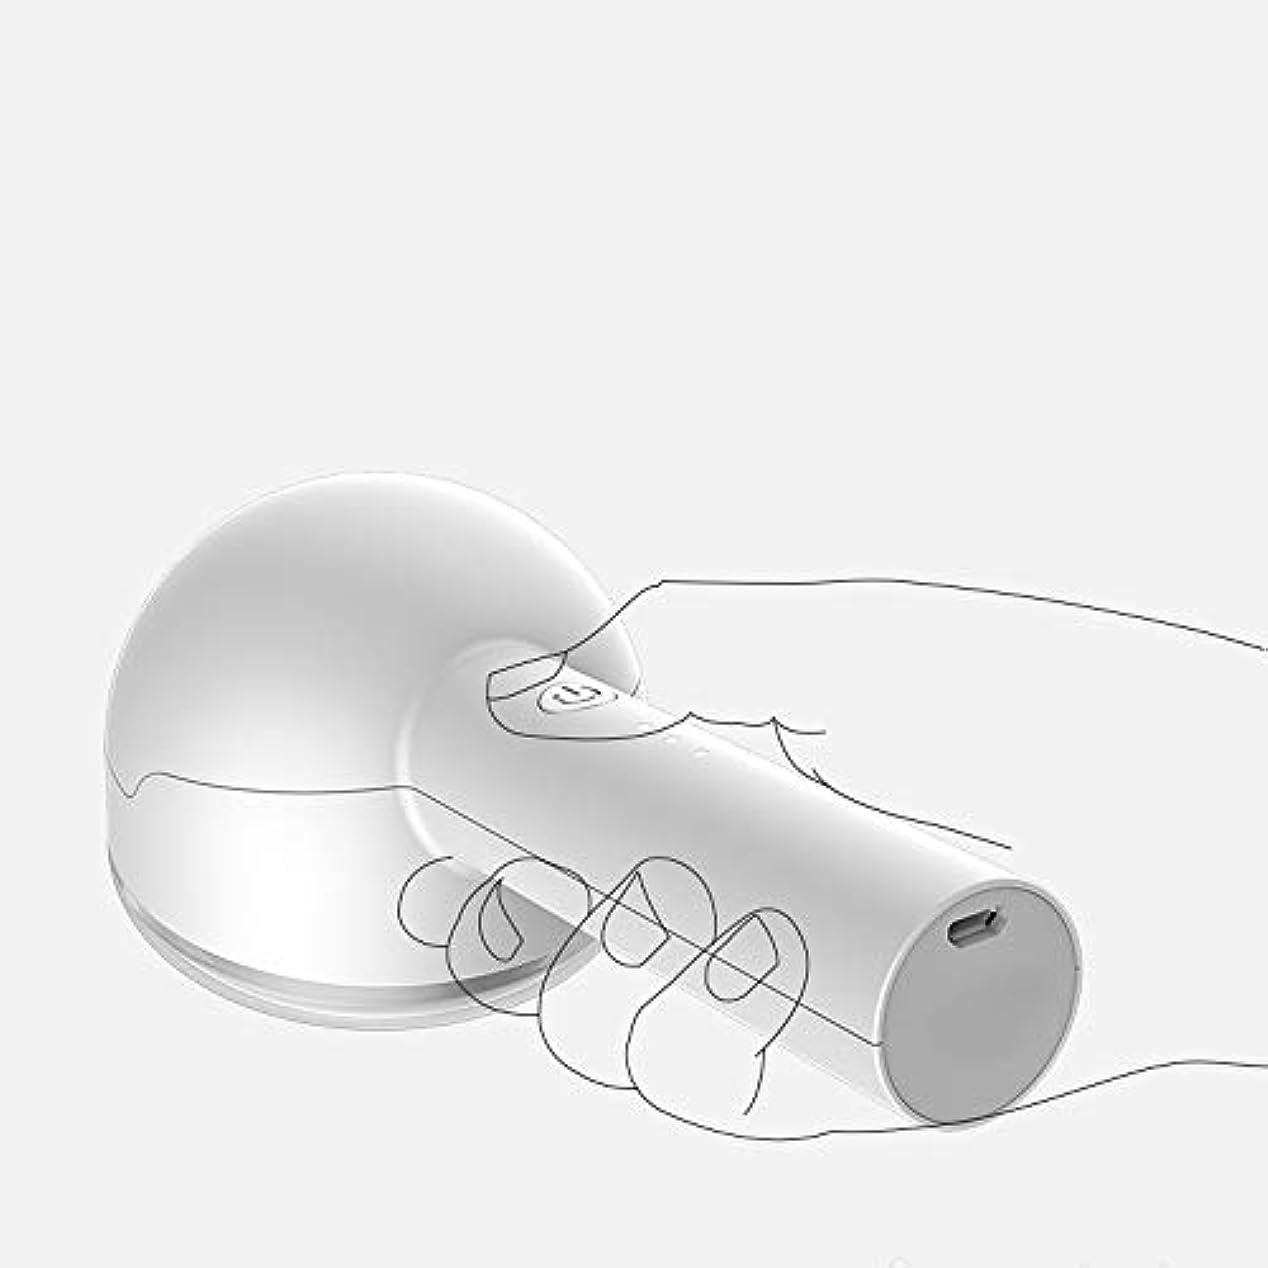 押す保守可能郵便局飛強強 ファブリックシェーバー - リントリムーバー衣類シェーバーフリース服の充電式ボブファブリックシェーバー 家具の脱毛 (Color : White)